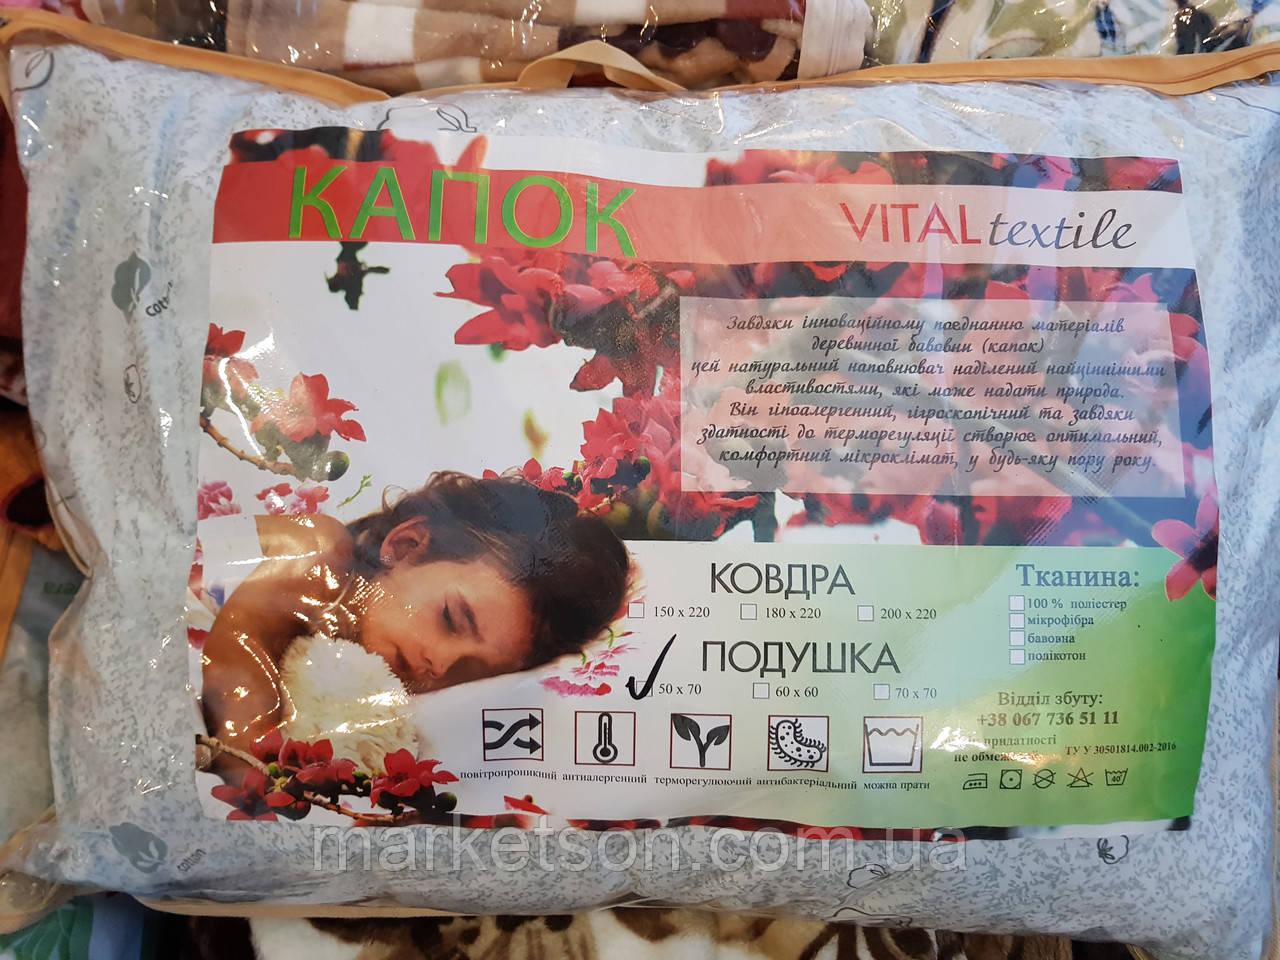 Подушка из растительного хлопка 50*70.